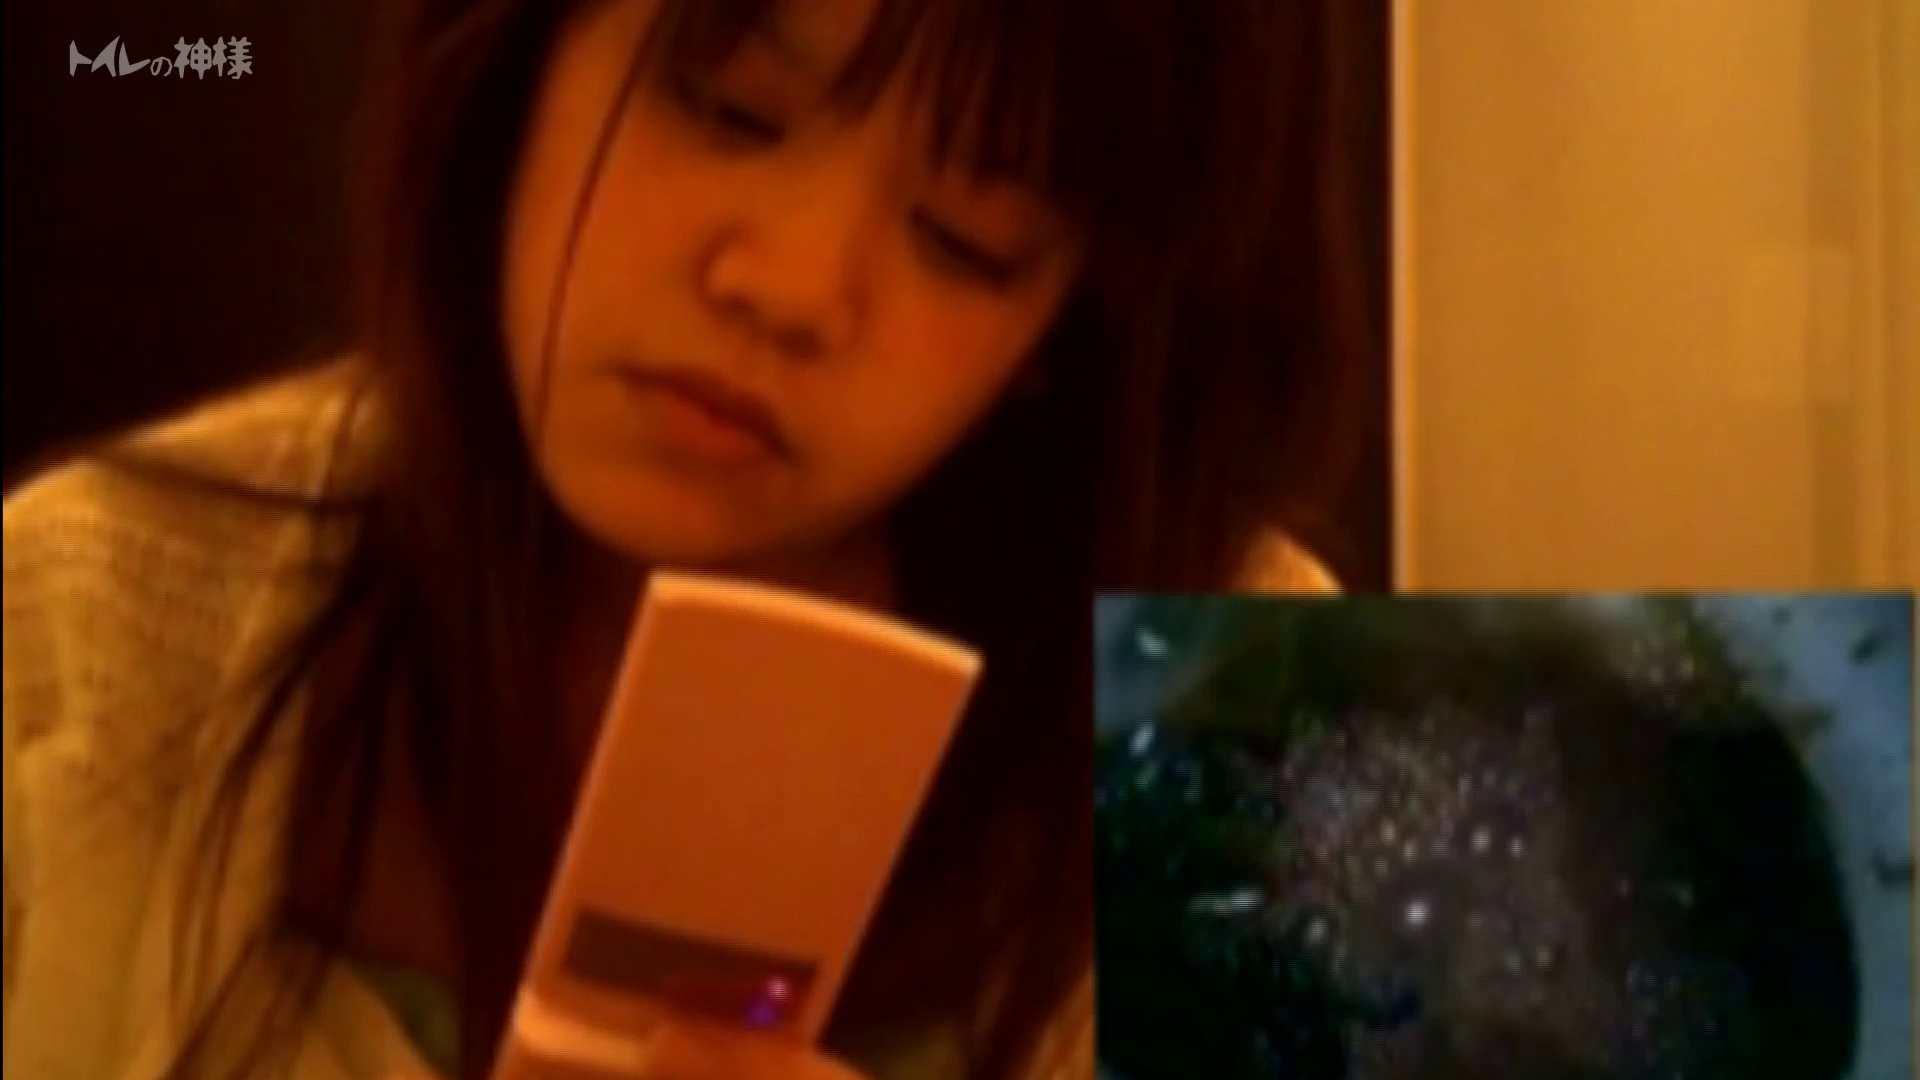 トイレの神様 Vol.03 彼女のうんち隠し撮り 丸見え セックス無修正動画無料 111枚 77